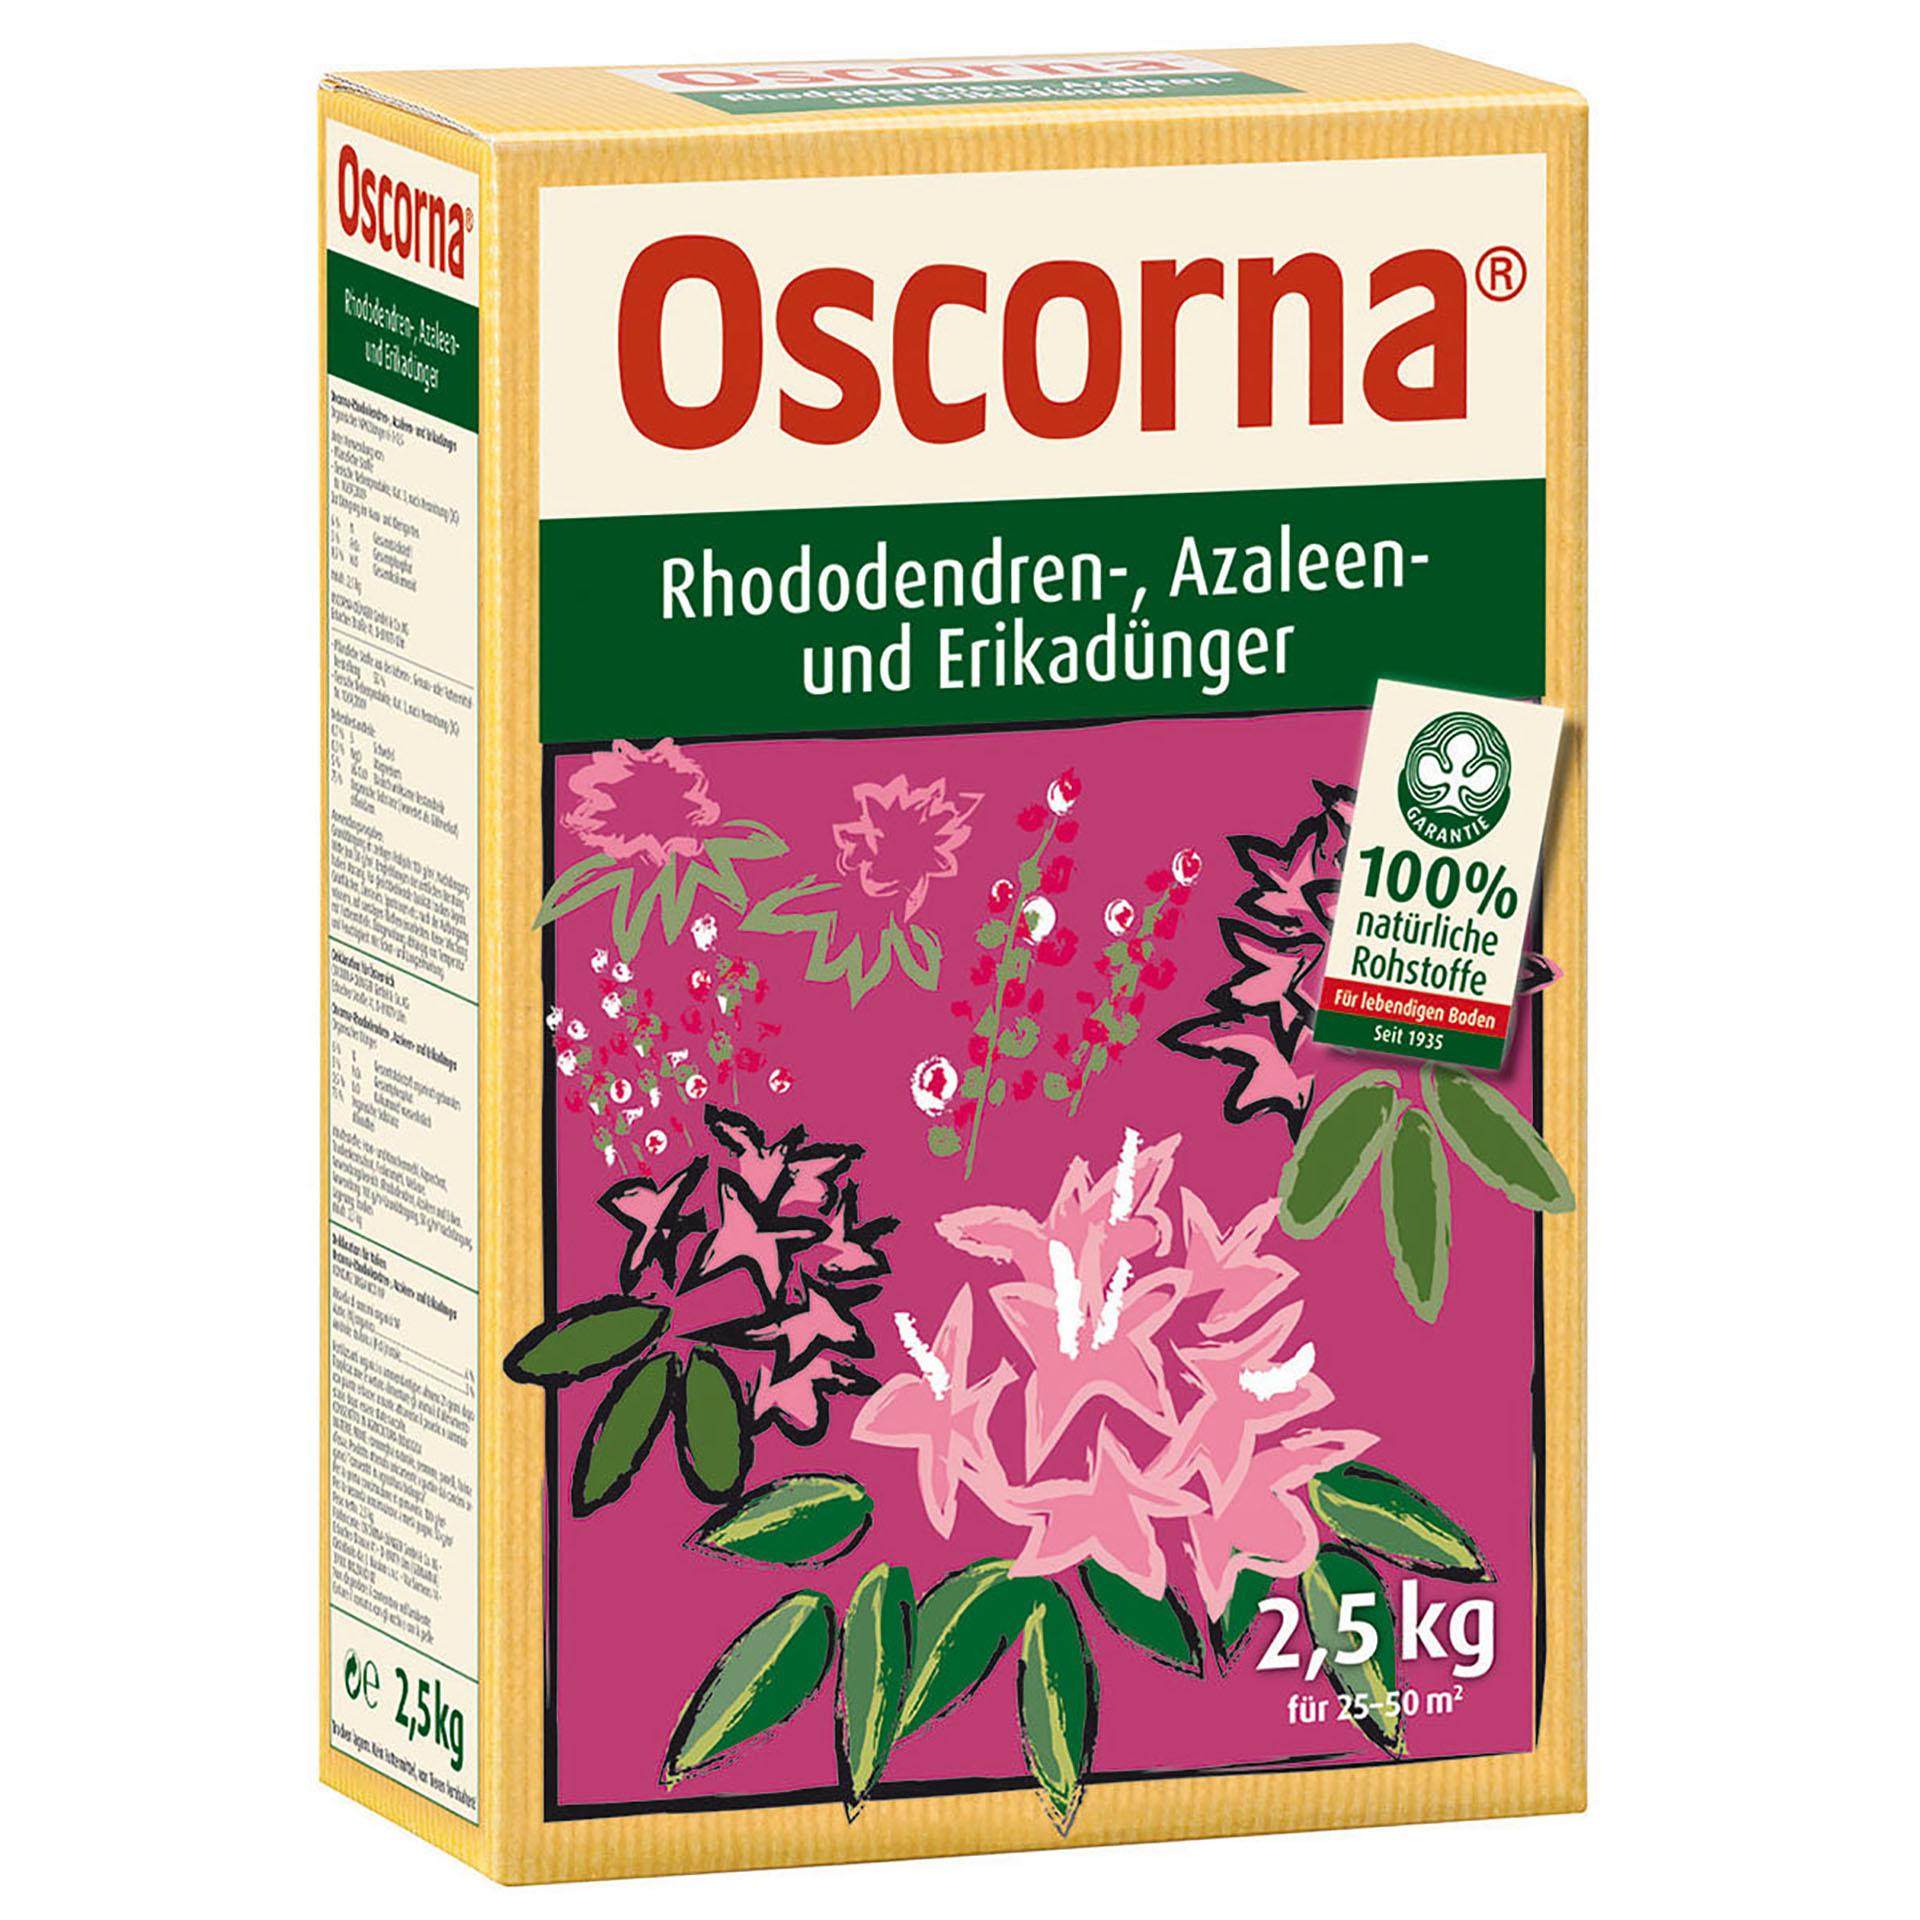 Oscorna Rhododendren-, Azaleen- und Erikadünger 2,5kg